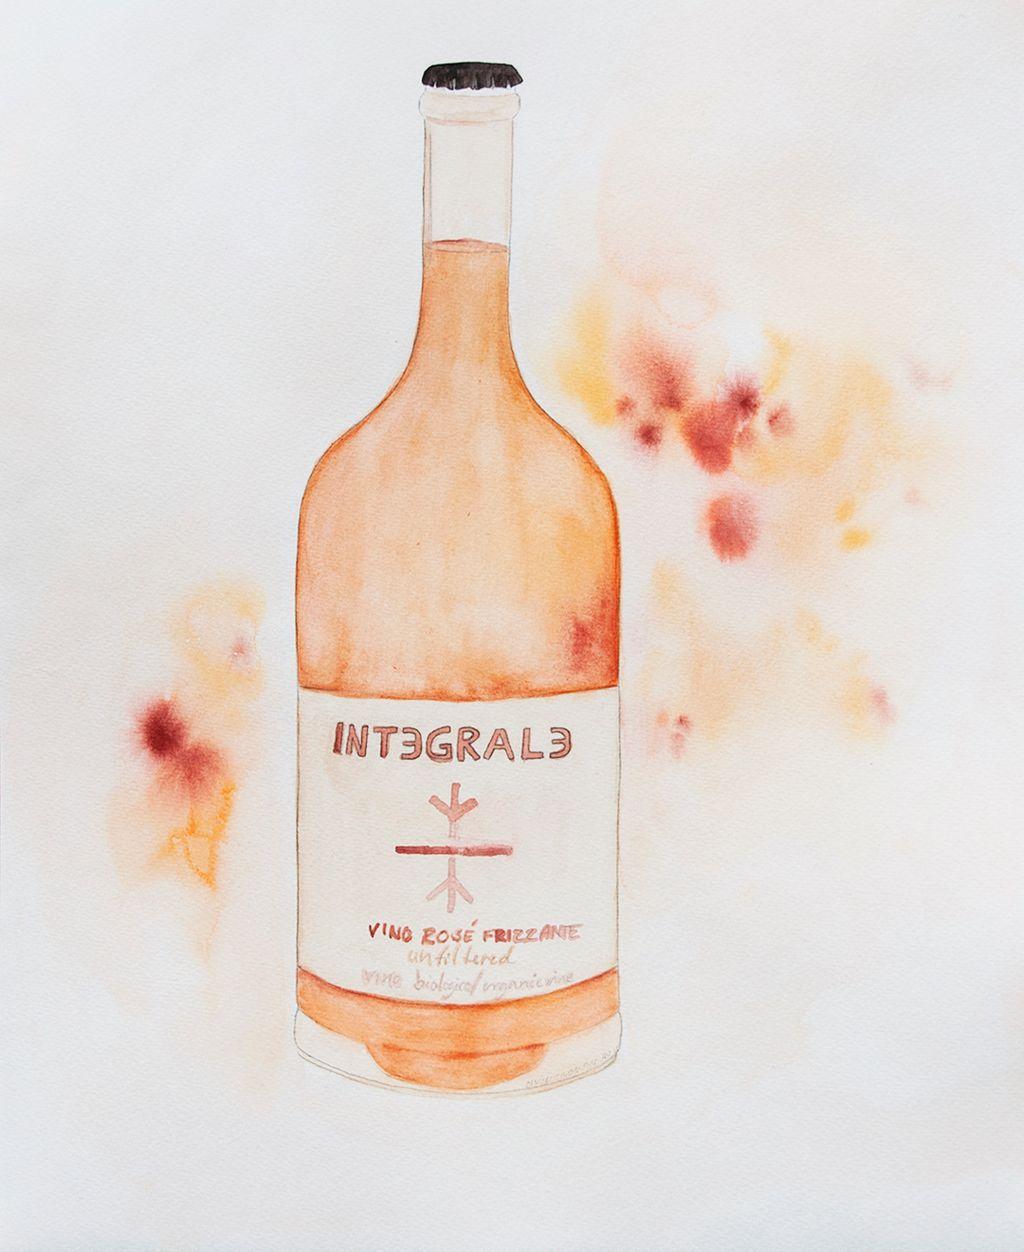 Integrale Wine Rosé Frizzante